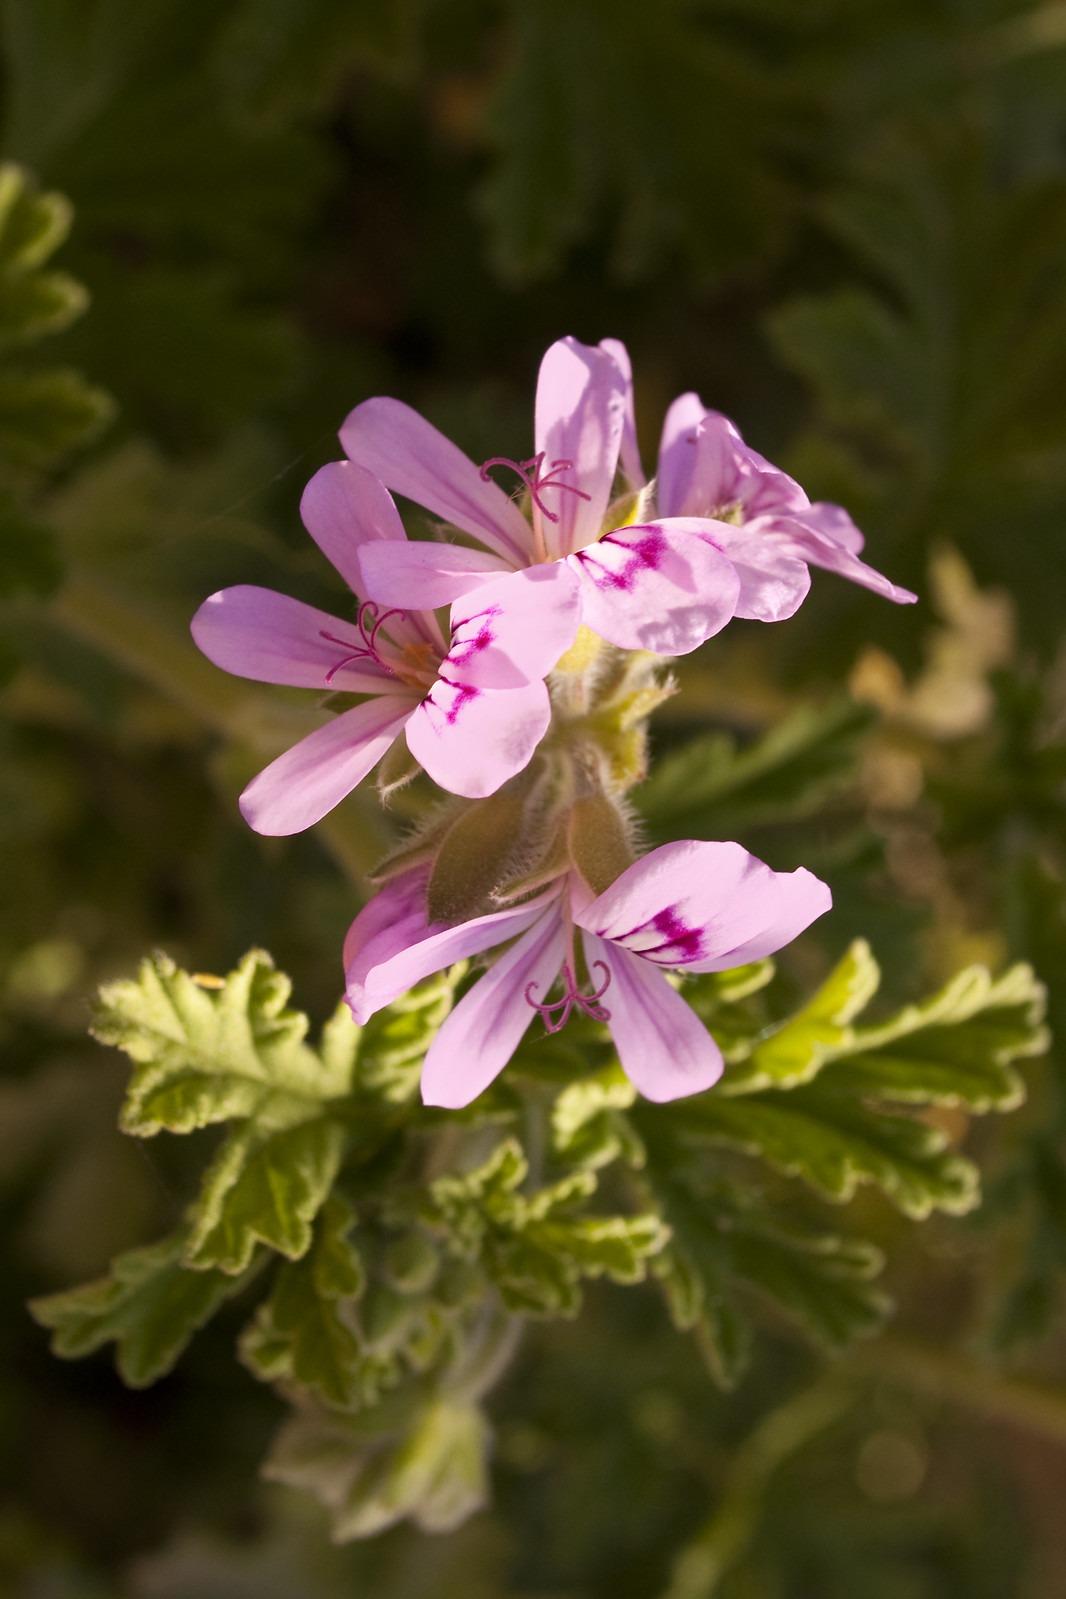 Pelargonium odoratissimum